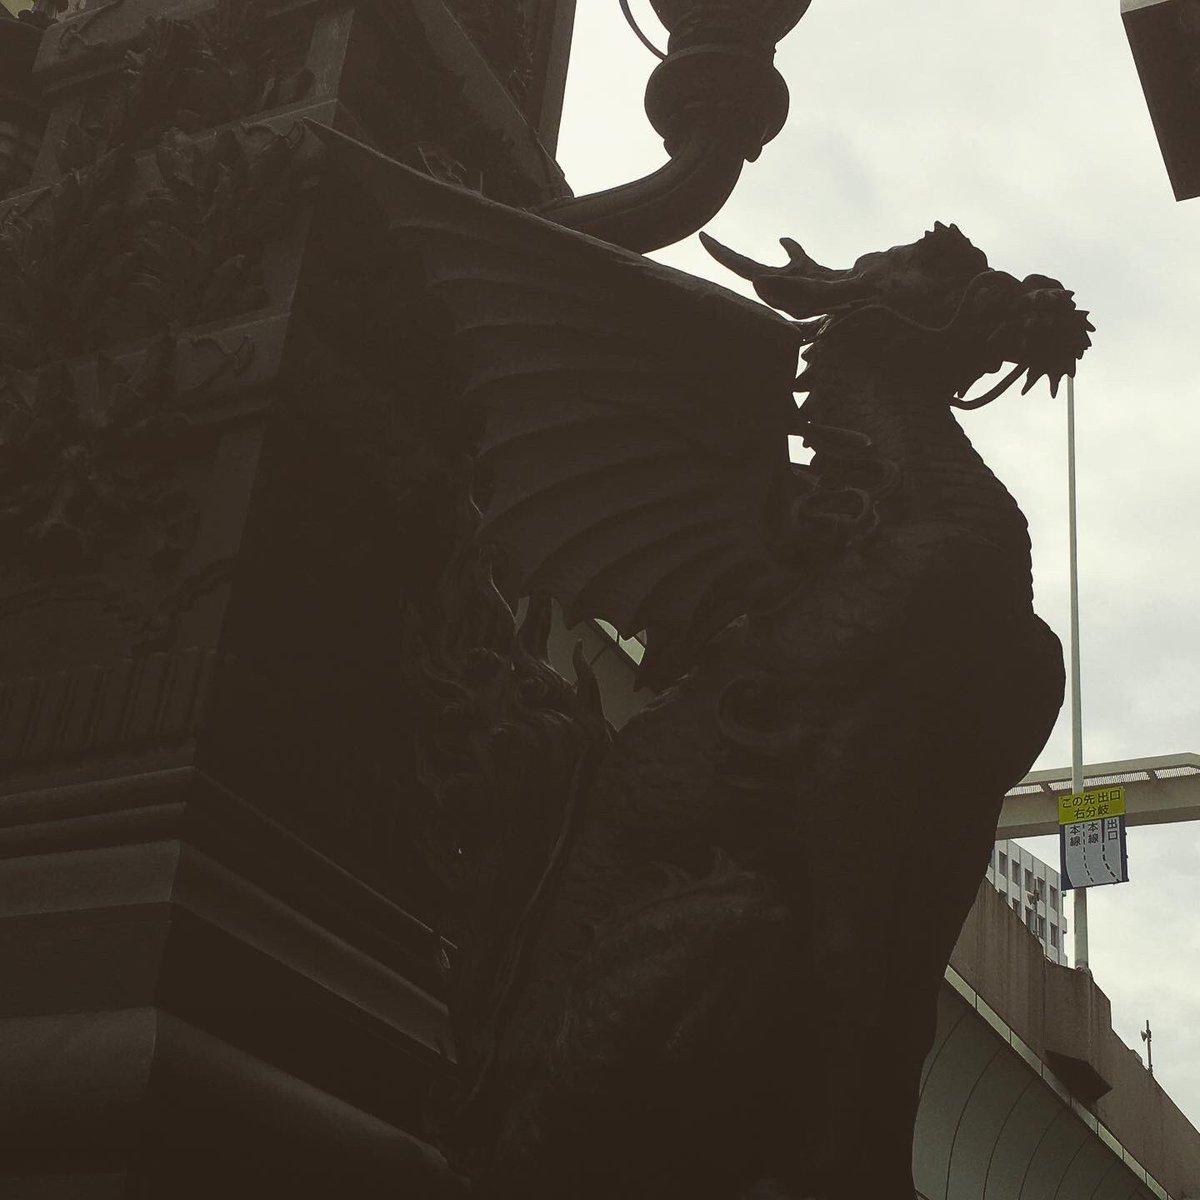 日本橋の名作久しぶりに日本橋へ。三井美術館と山村御流華展を堪能という贅沢な休日。この守護獣達をしばし独り占め。戦争中の金属供出や戦火からも逃れた像です。#日本橋 #守護獣像 #金工 #彫刻 #獅子 #麒麟 #渡辺長男 #岡崎雪聲 #nihonbashi #mythicalbeastissues #bronzesculpture